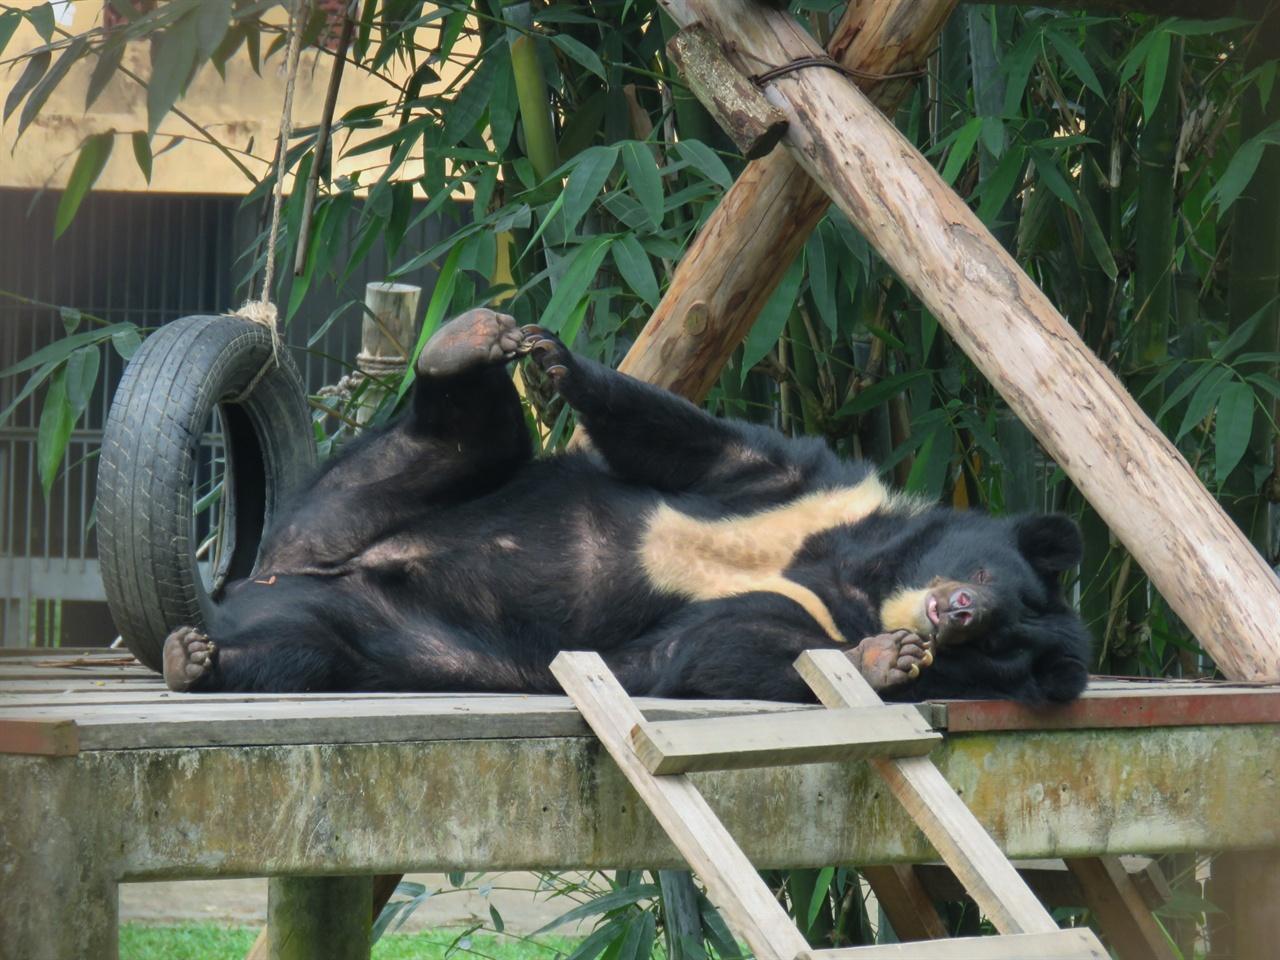 한가로이 낮잠을 즐기는 곰의 모습. 무슨 꿈을 꾸고 있을까.